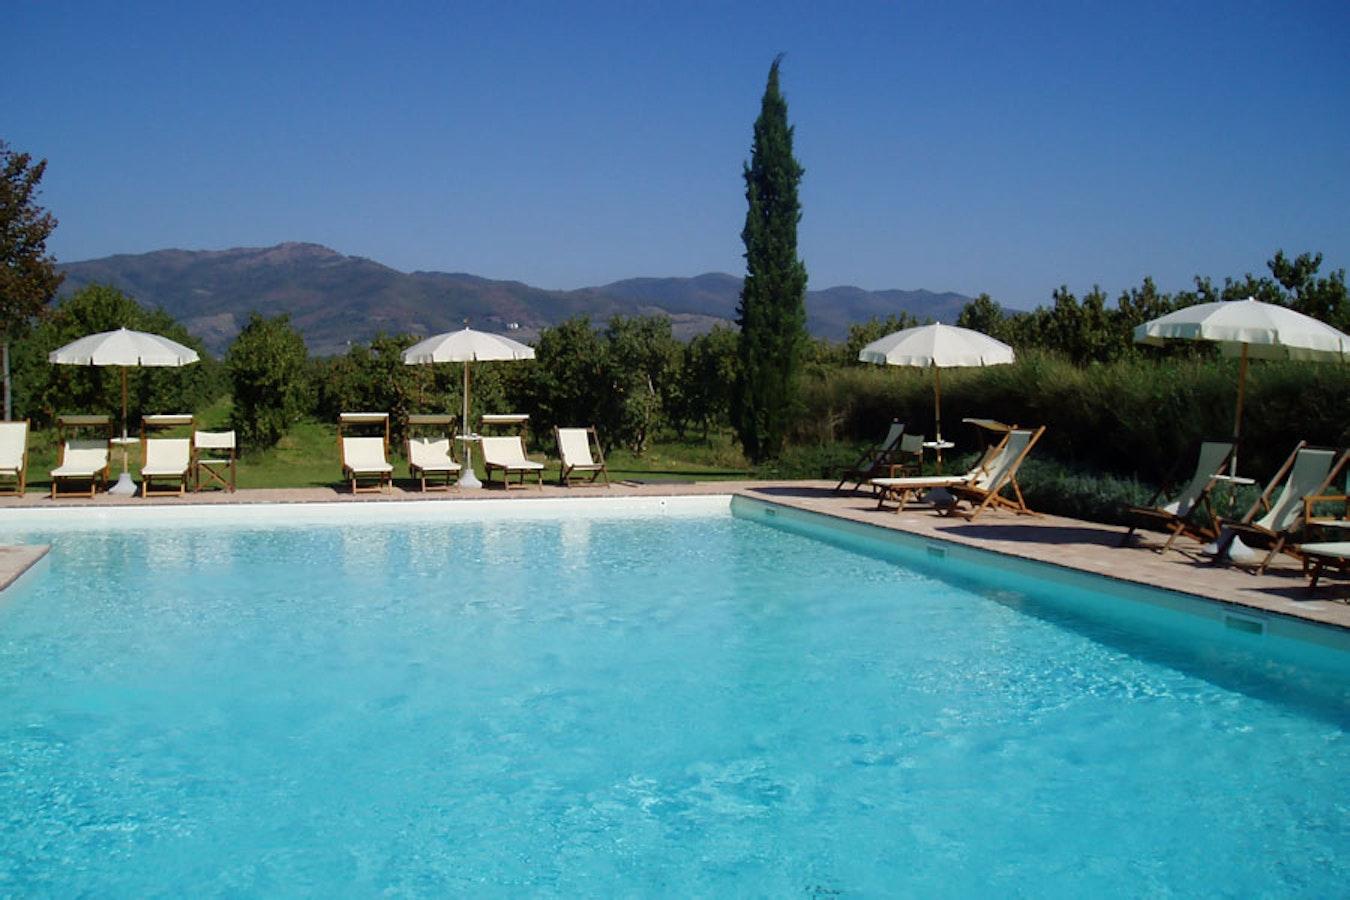 Foresteria i giardini di fontarronco appartamenti in - Hotel il giardino siena ...